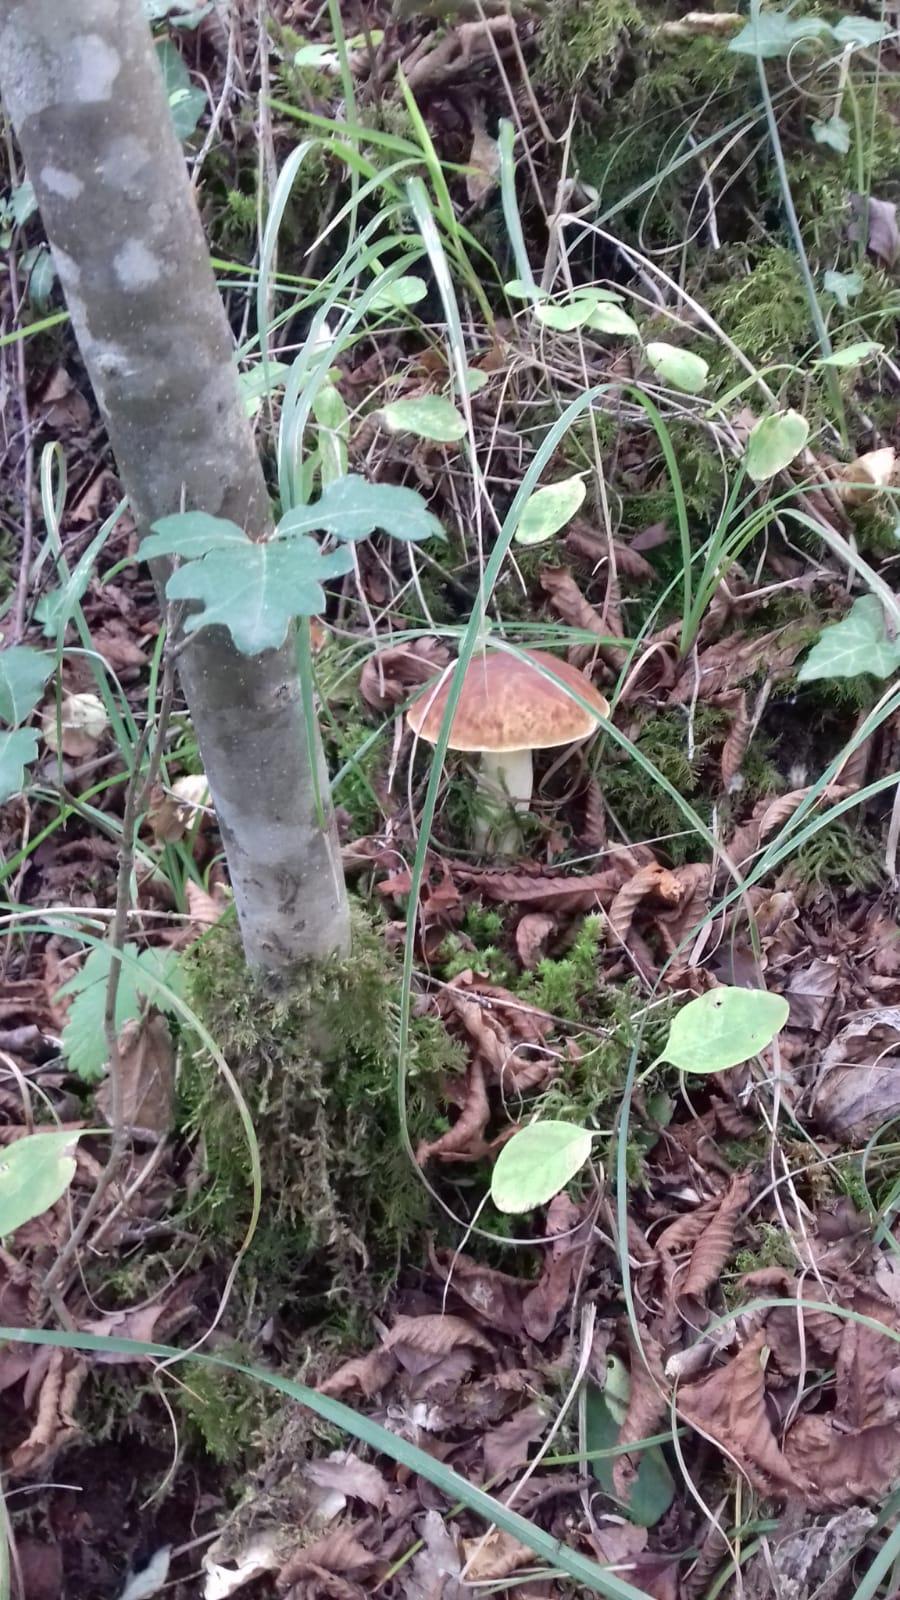 I funghi di Cheoma (3)